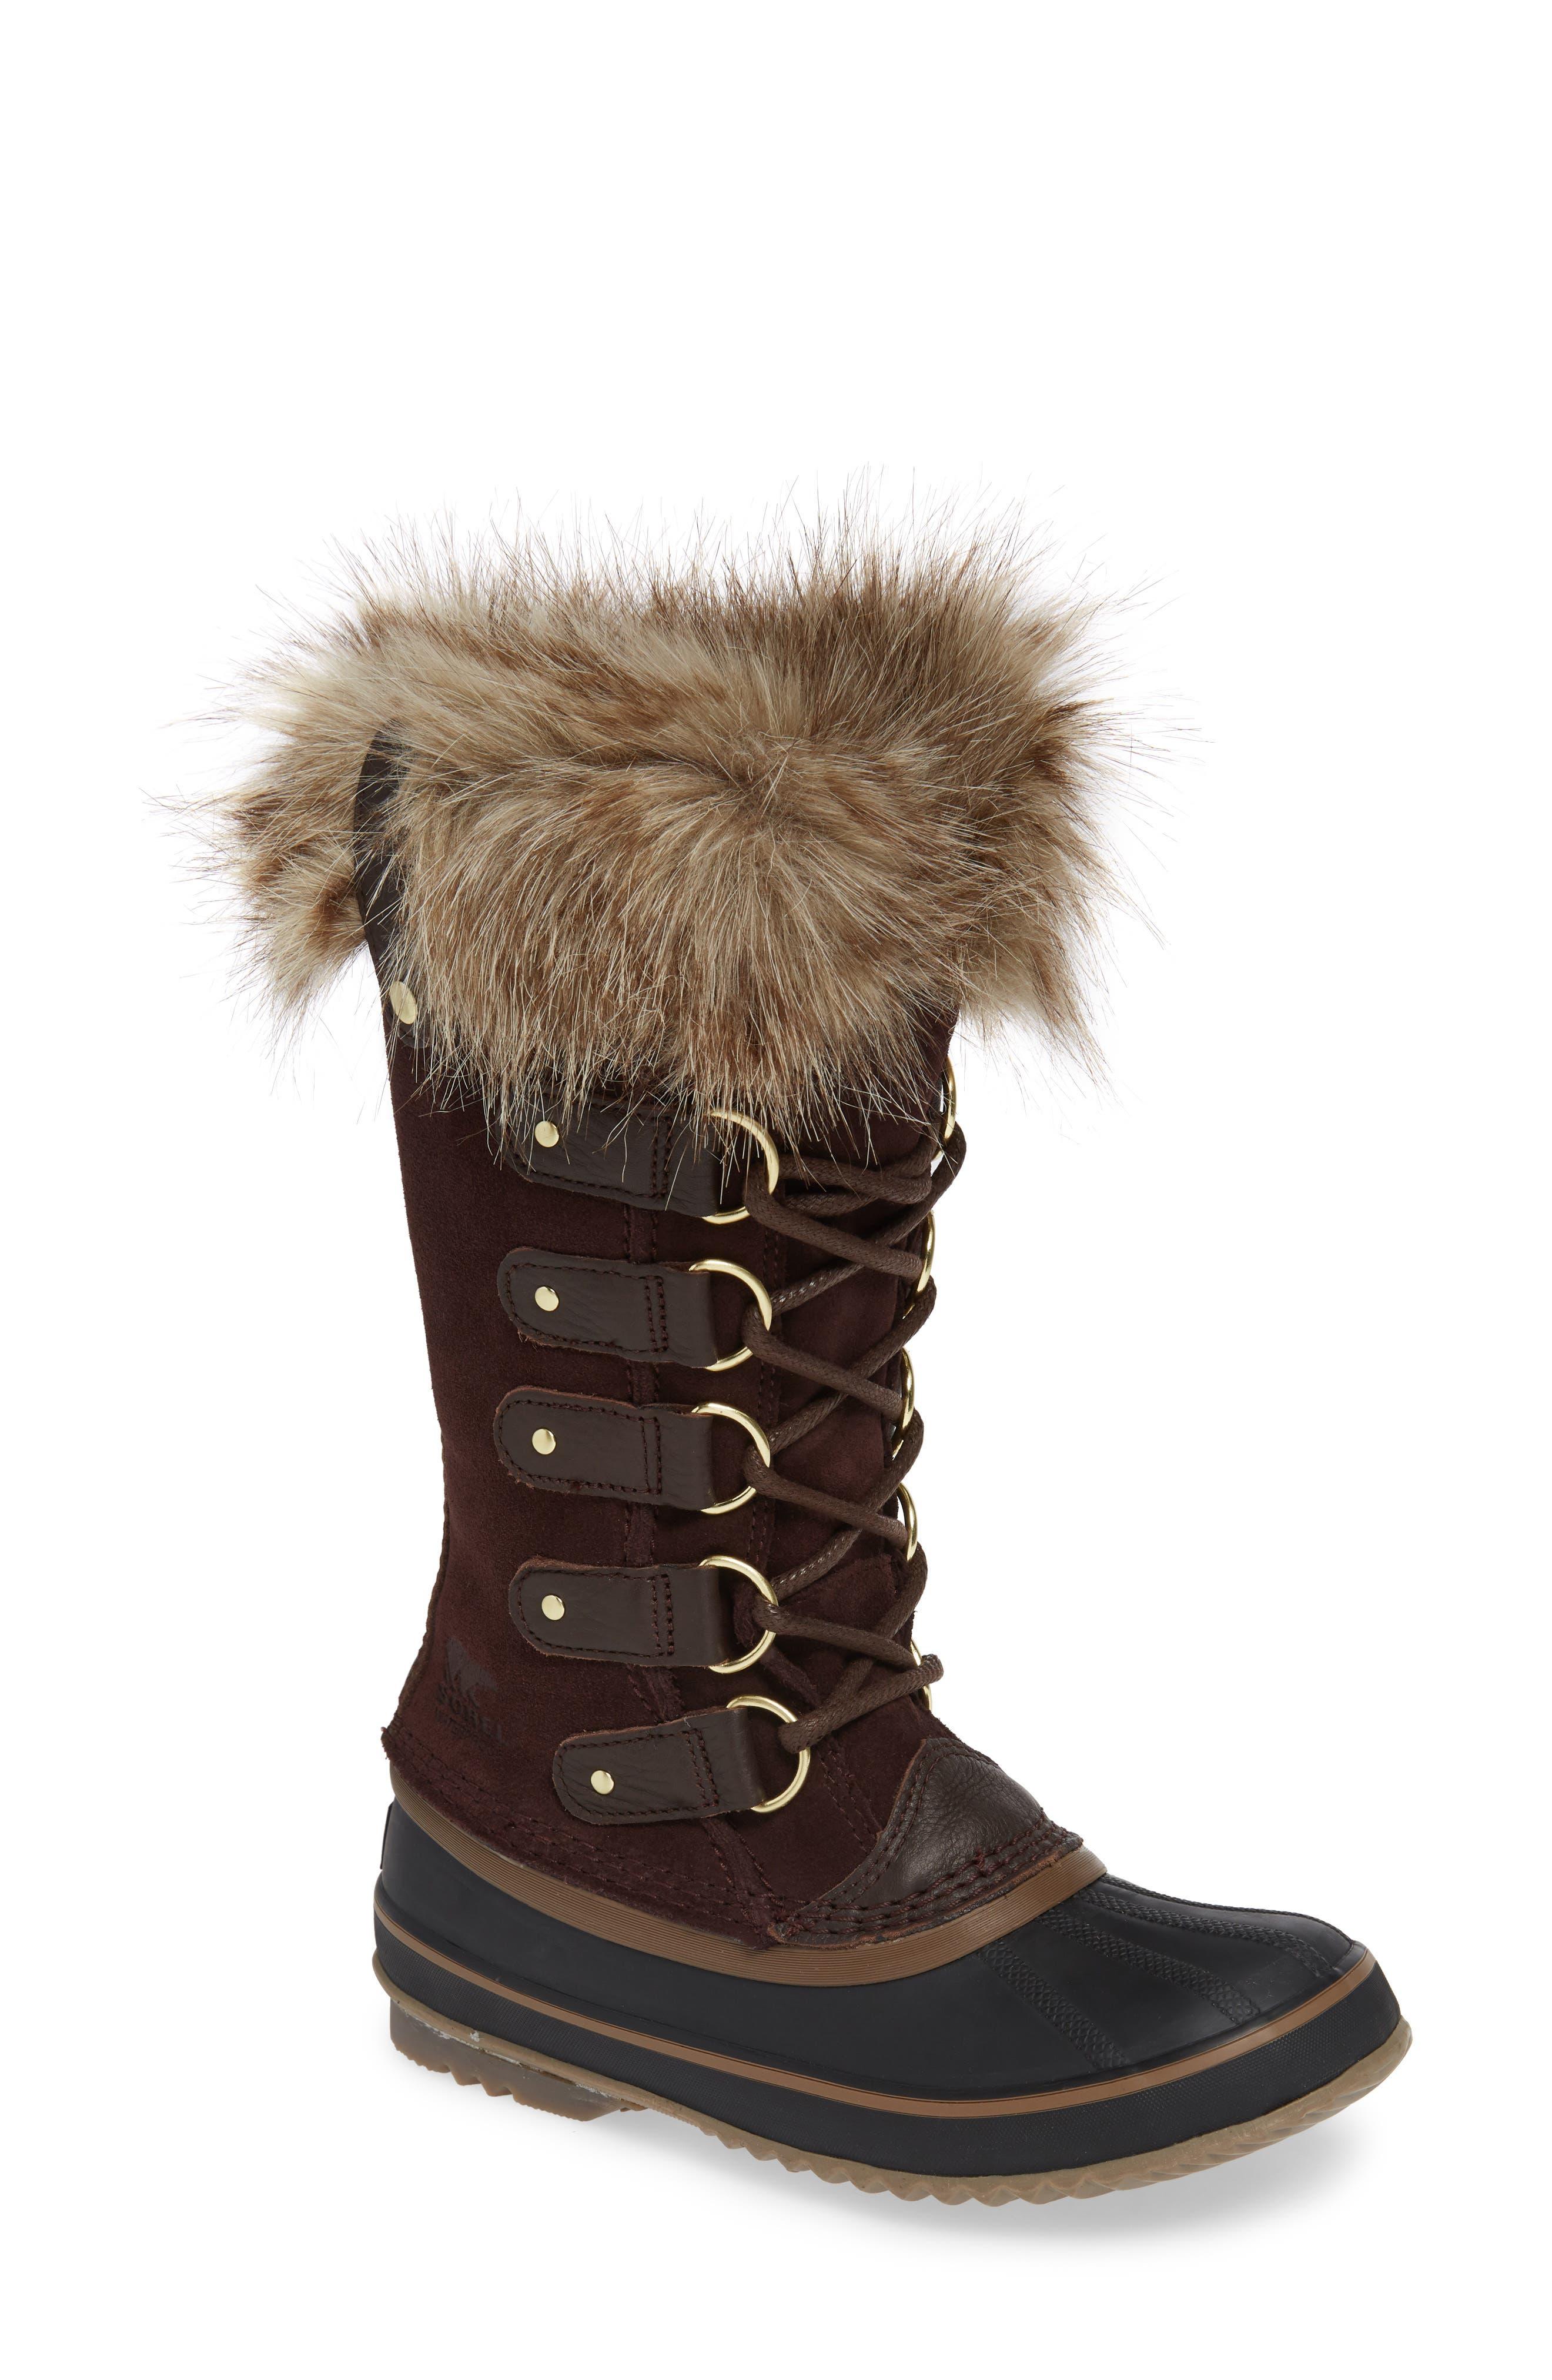 SOREL, 'Joan of Arctic' Waterproof Snow Boot, Main thumbnail 1, color, 201